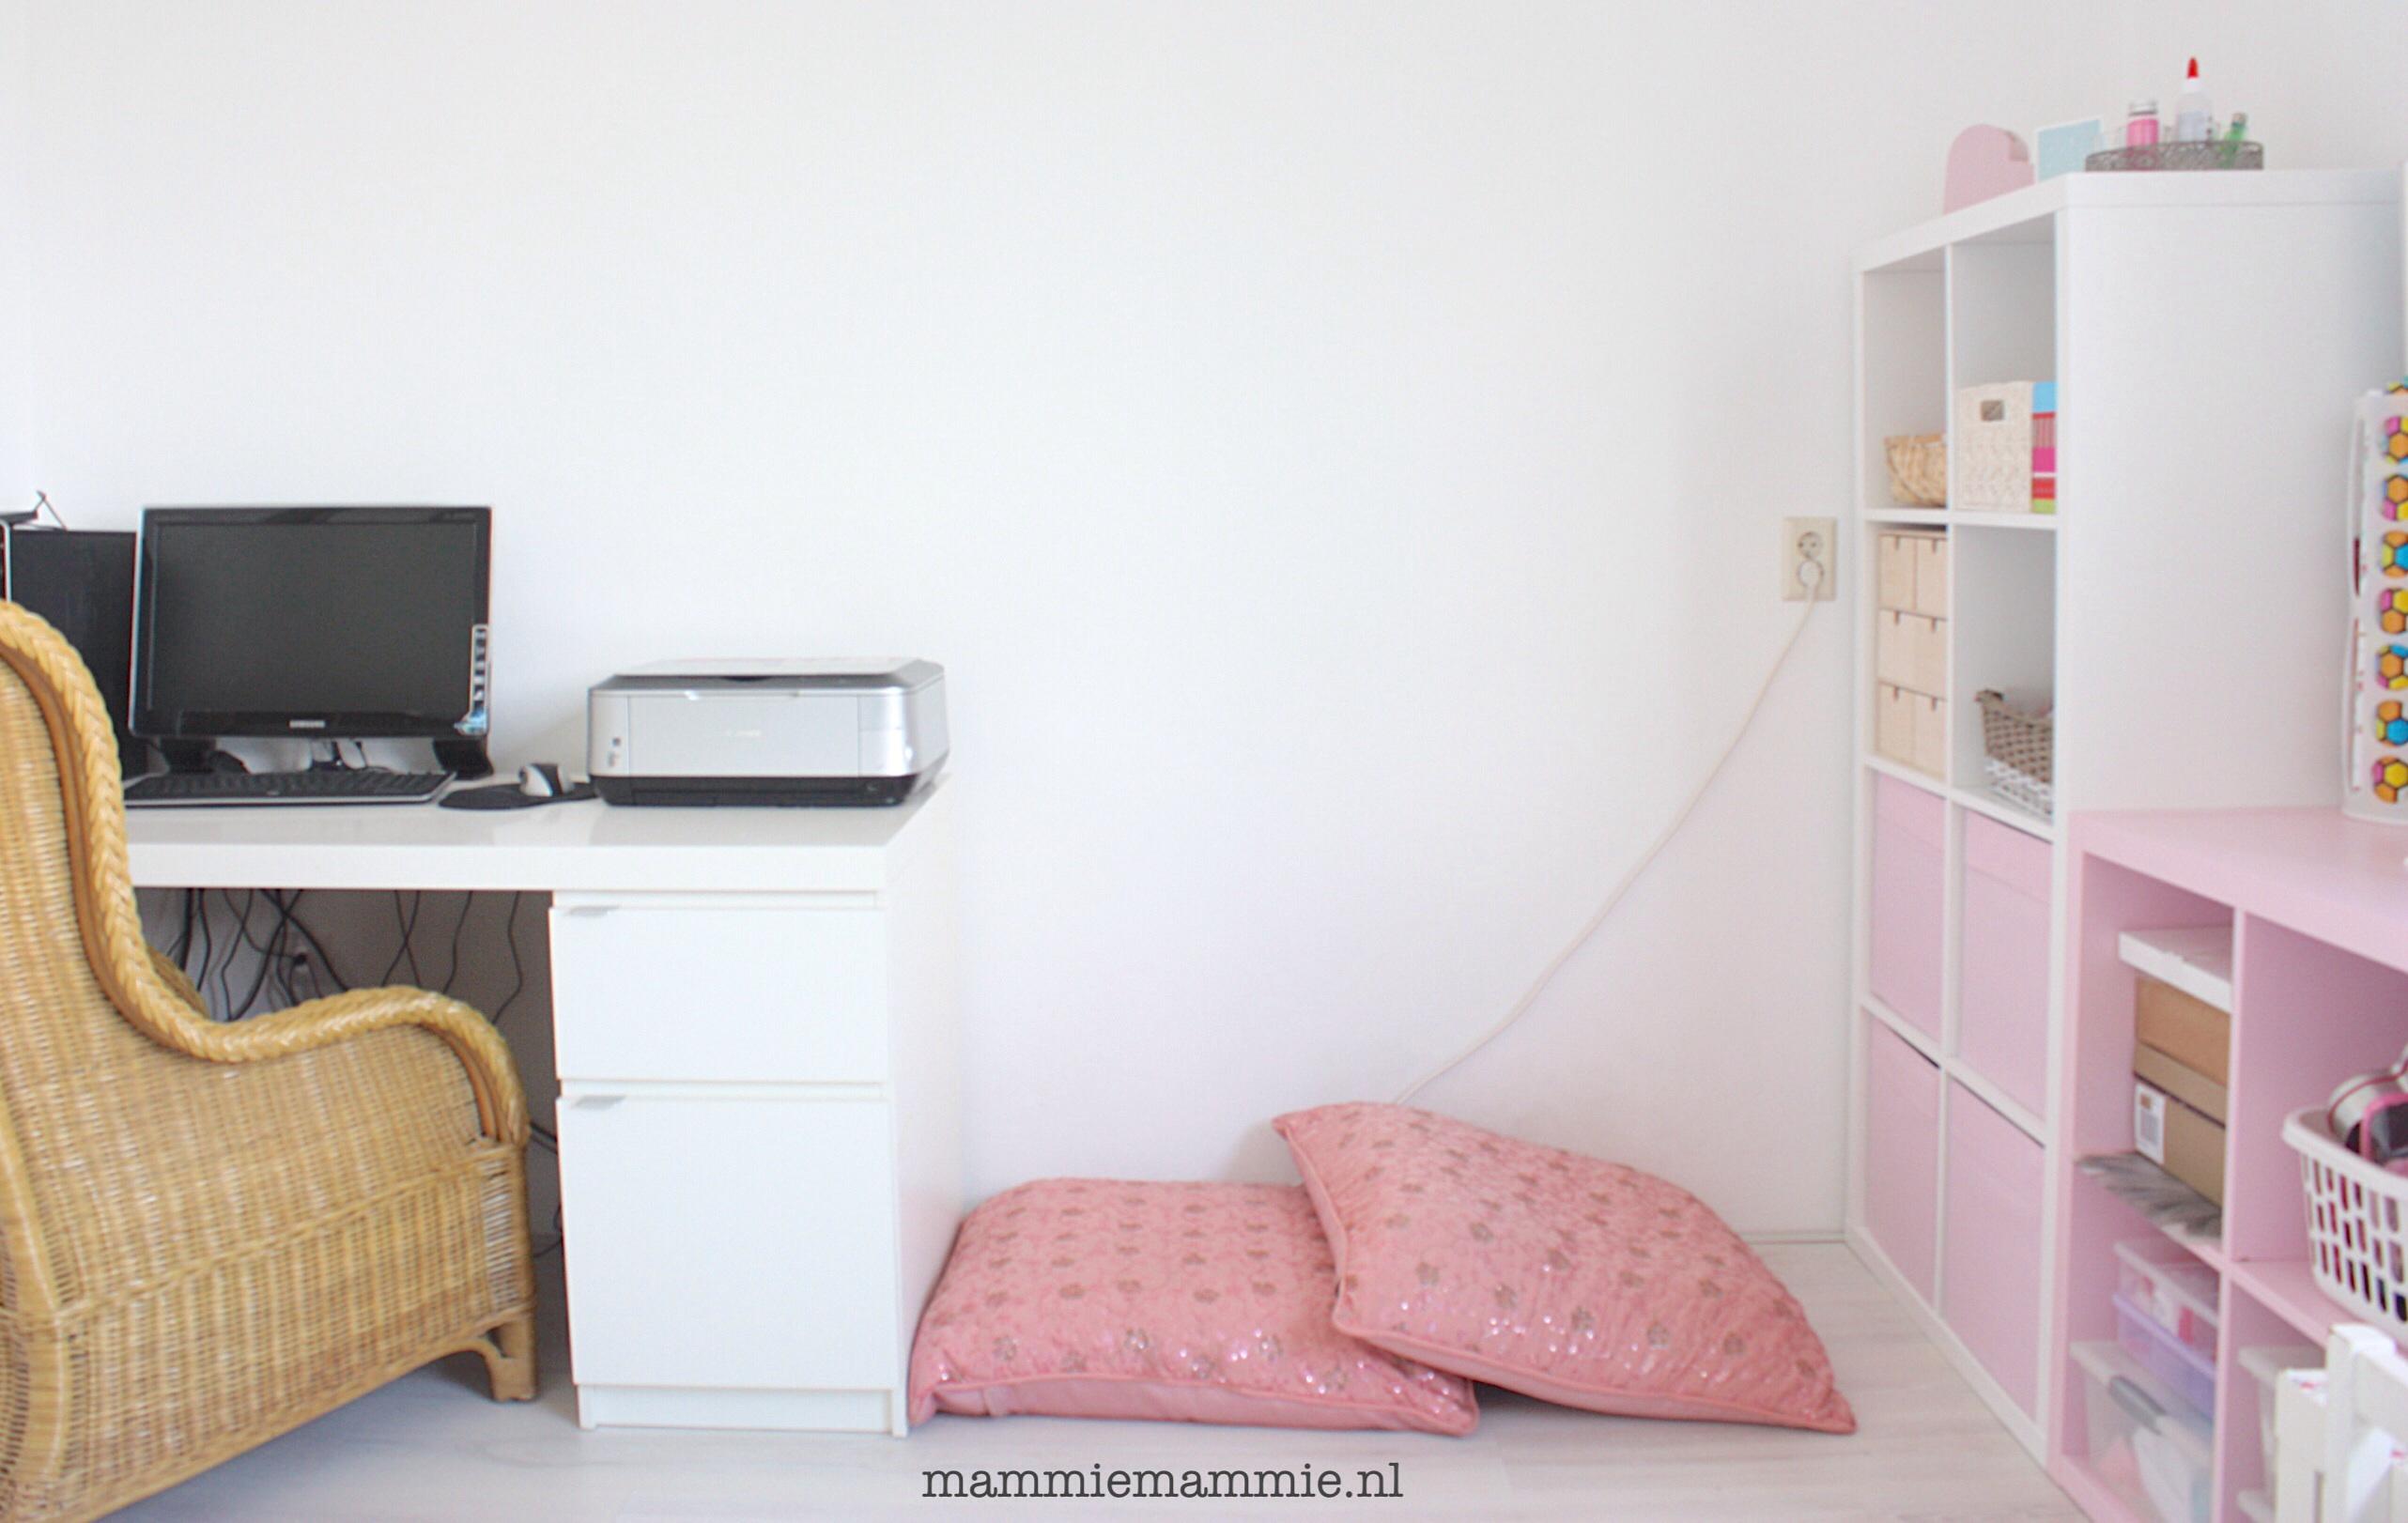 Kast Ideeen Woonkamer : Ideeen kast woonkamer u artsmedia